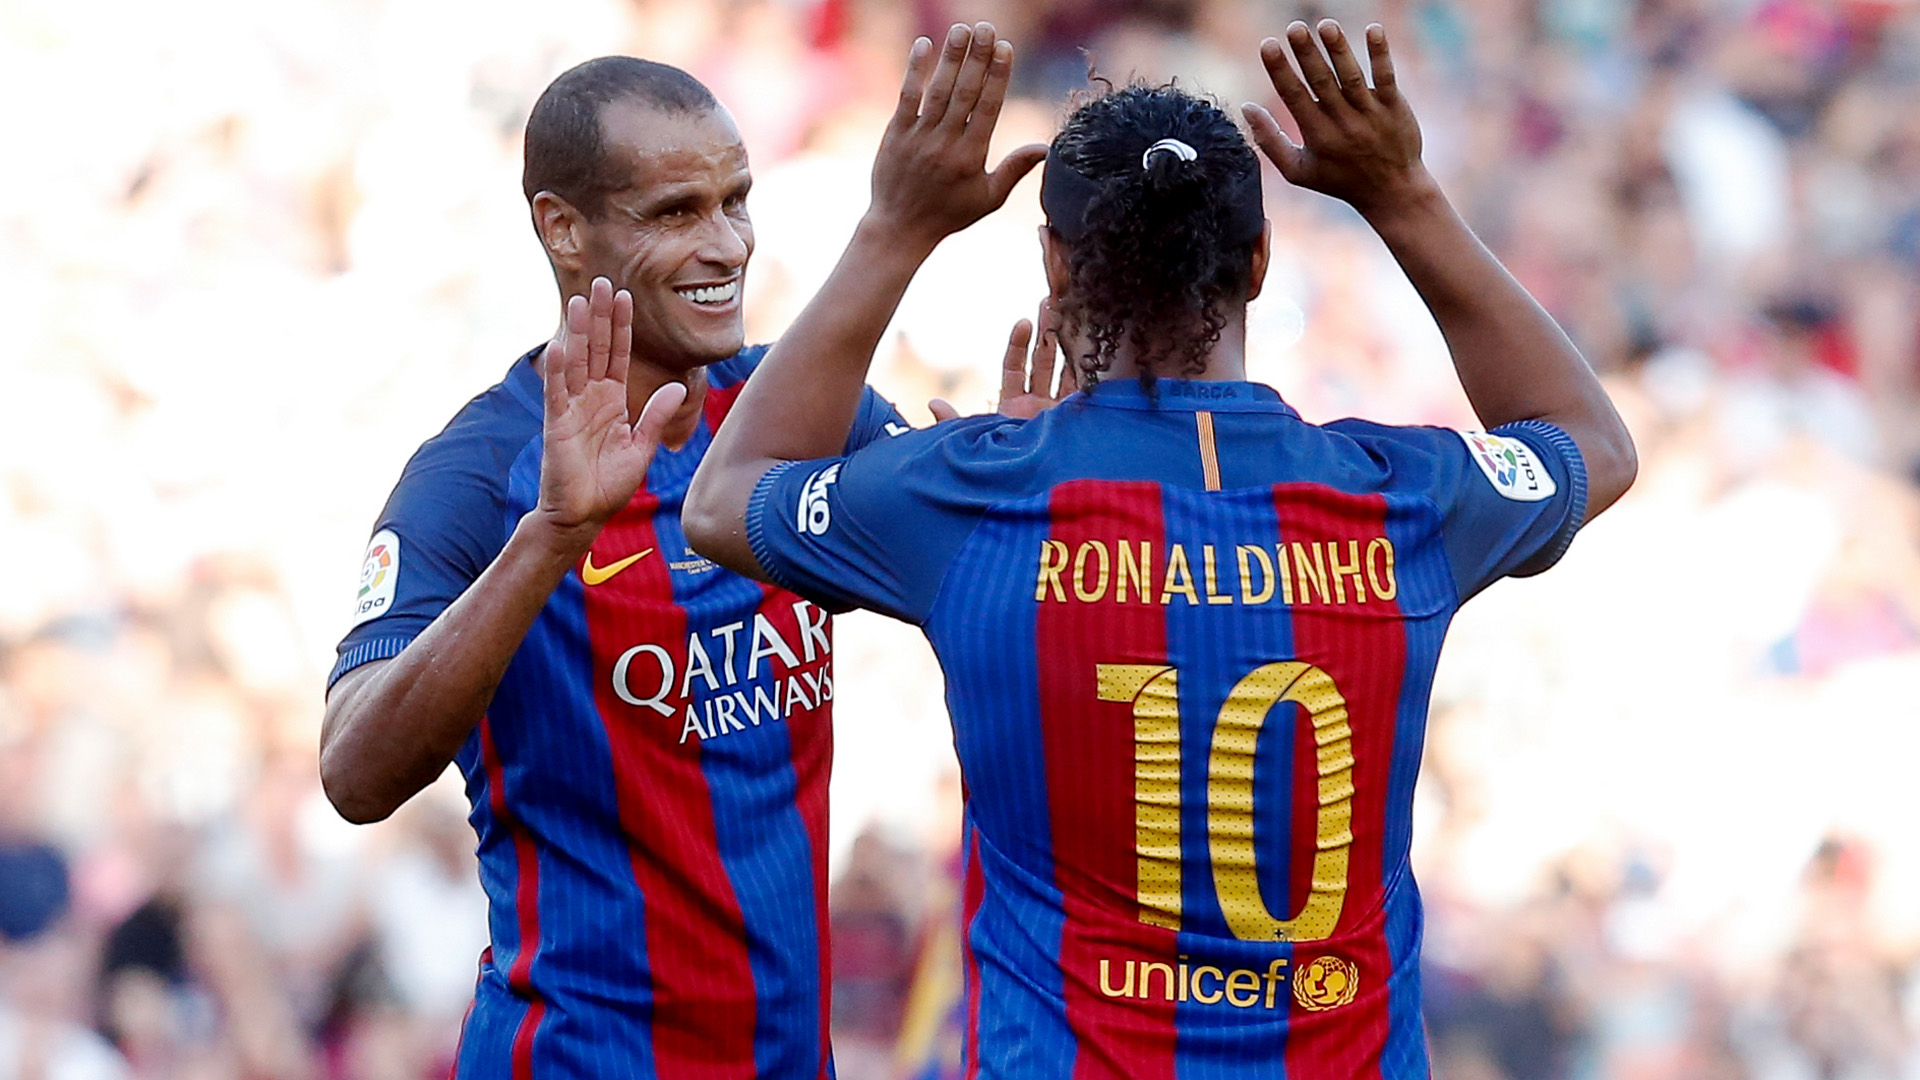 https://images.daznservices.com/di/library/GOAL/e3/bd/ronaldinho-rivaldo-barcelona-manchester-united-legends-30062017_1niy1kbkklyog1gp28k5zxabji.jpg?t=-73310468